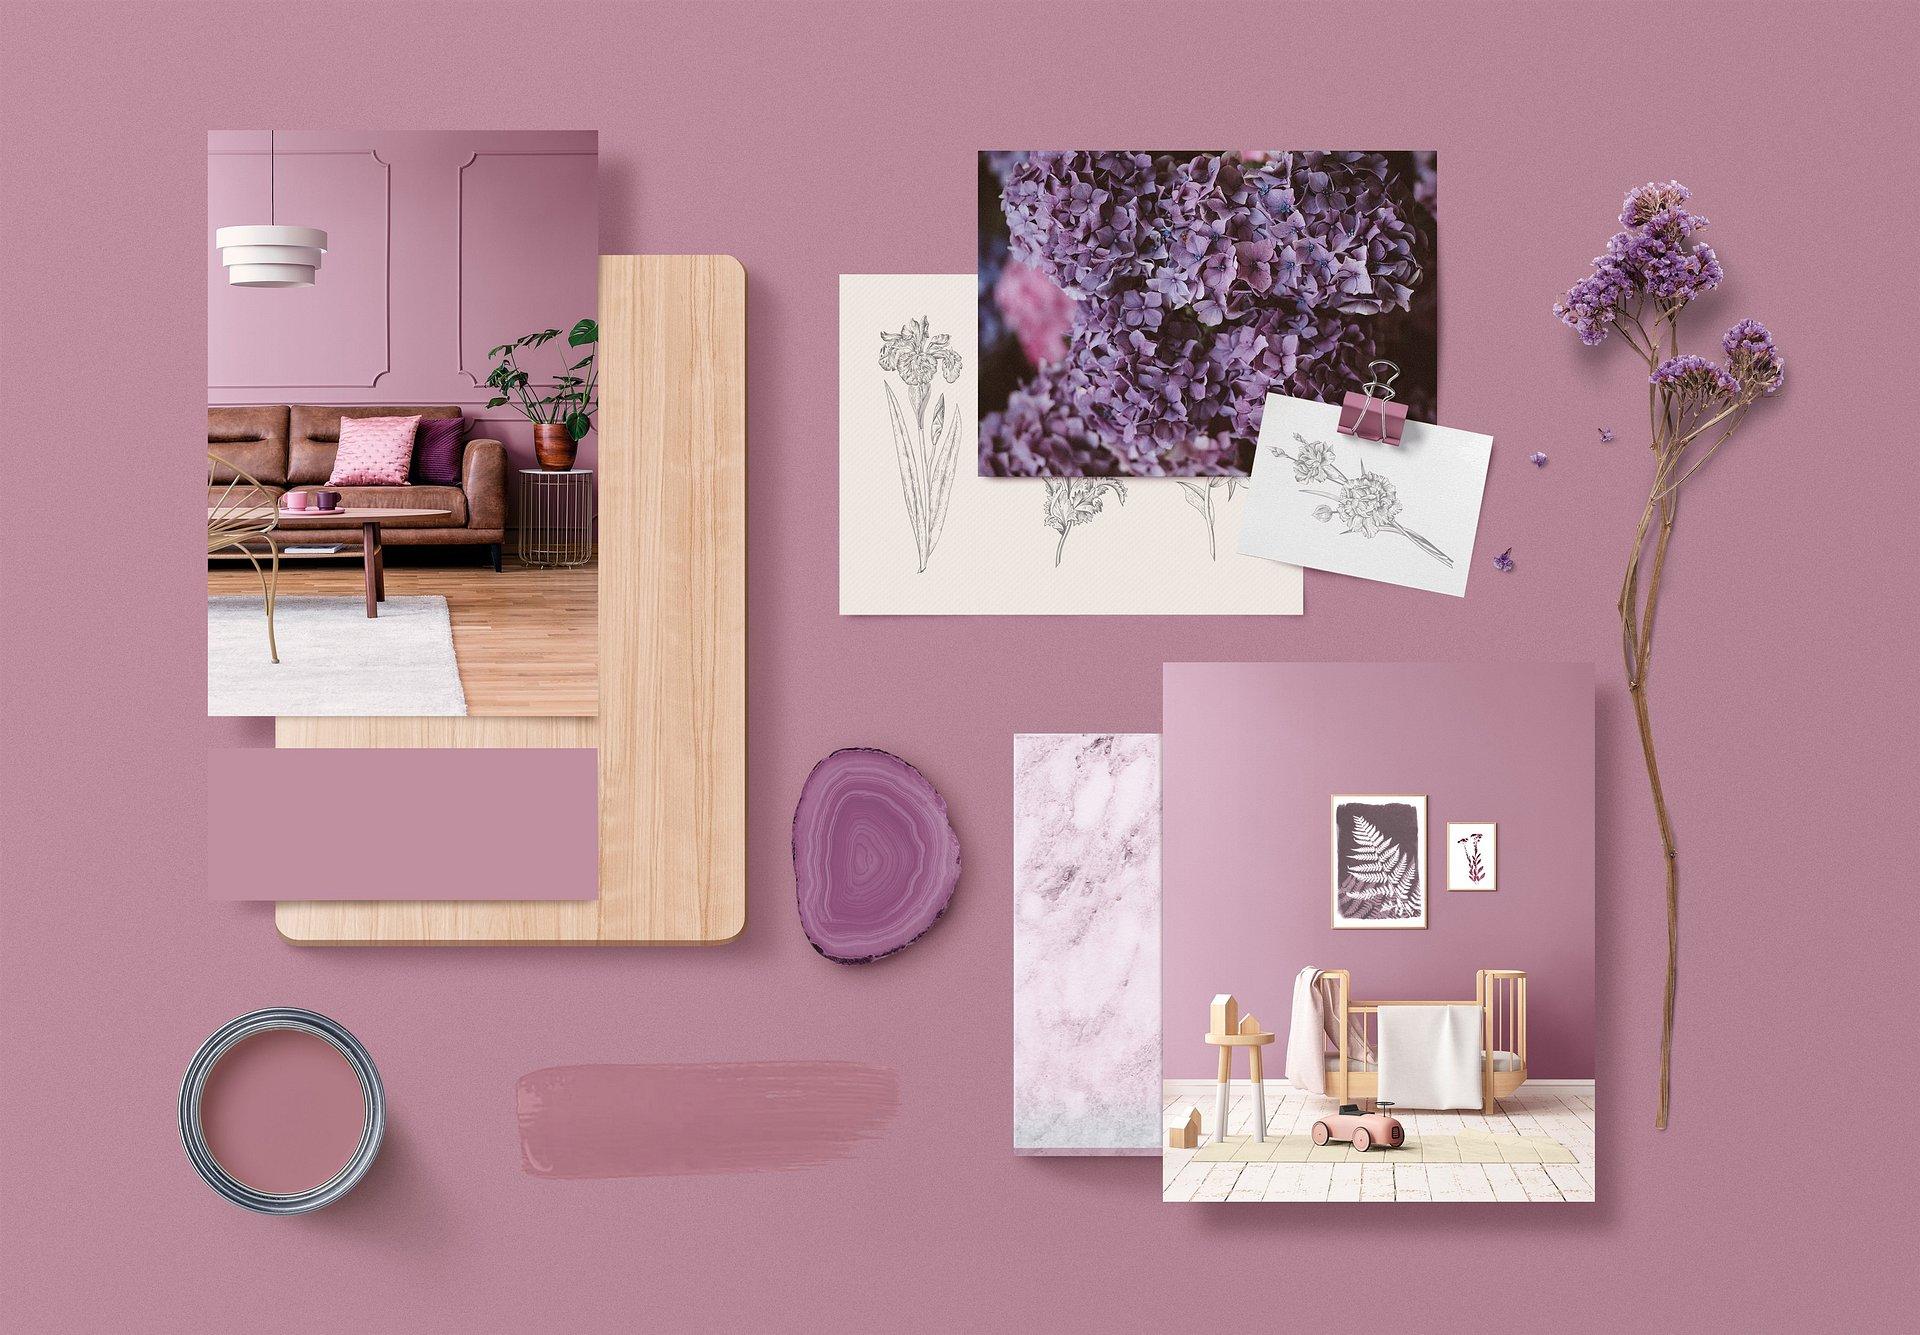 Inunde a sua casa de cor e sofisticação com Iris Mauve #E729 da CIN